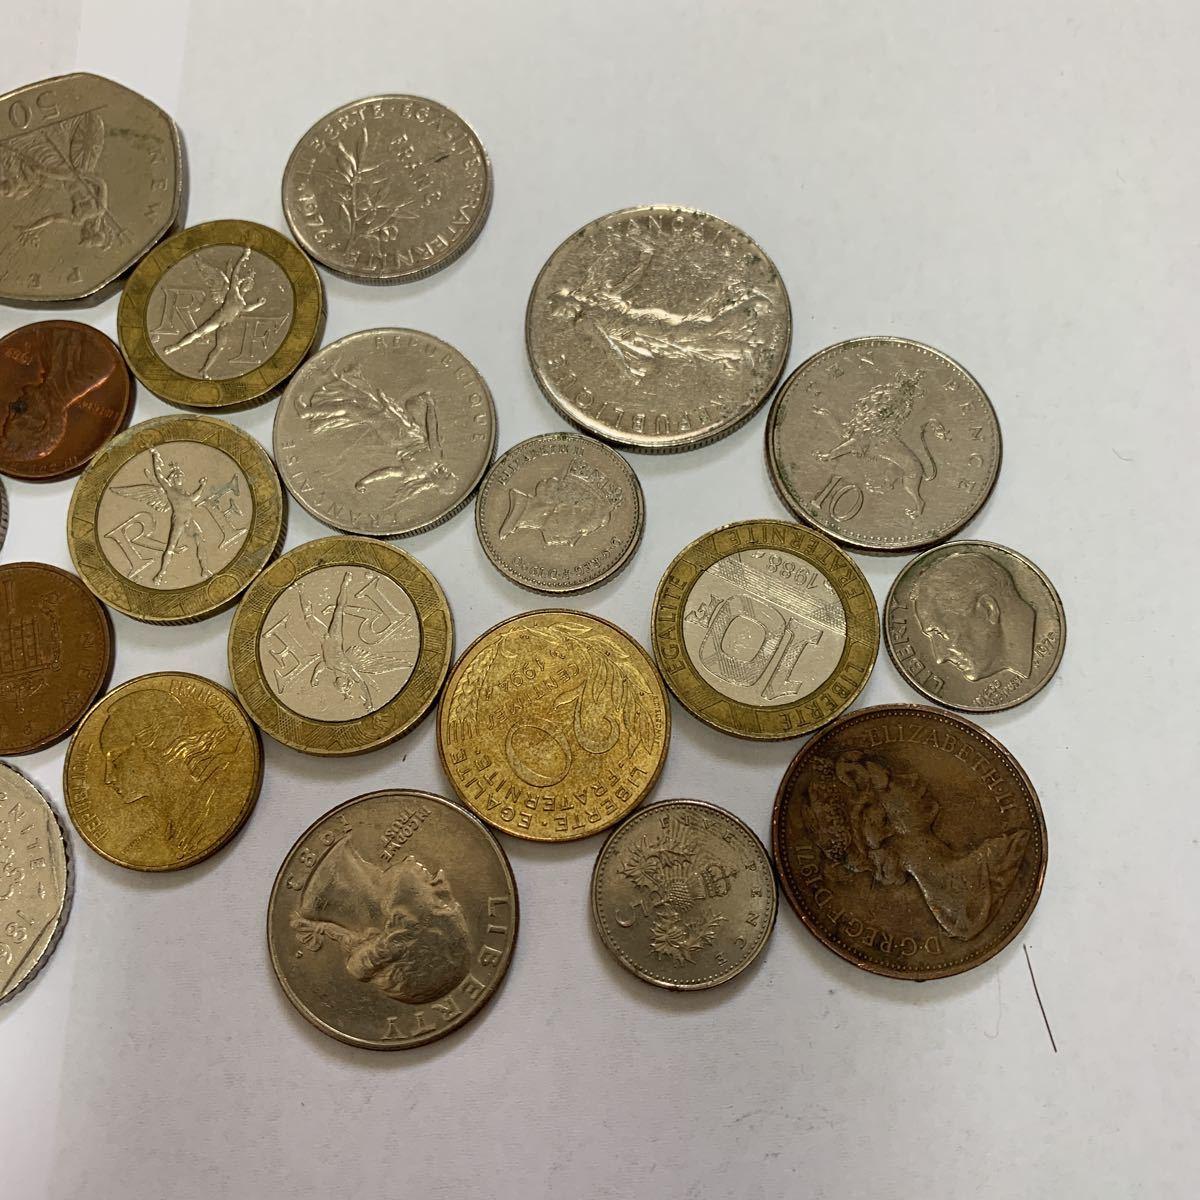 外国旅行した際に持って帰ってきた各国のコインと昭和の5円玉_画像3